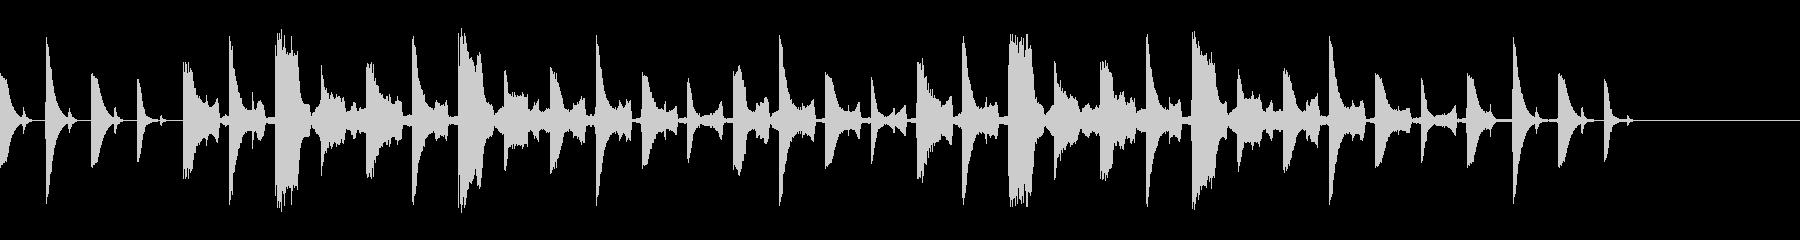 テクノ、ポップ、シンセ、ジングル2の未再生の波形